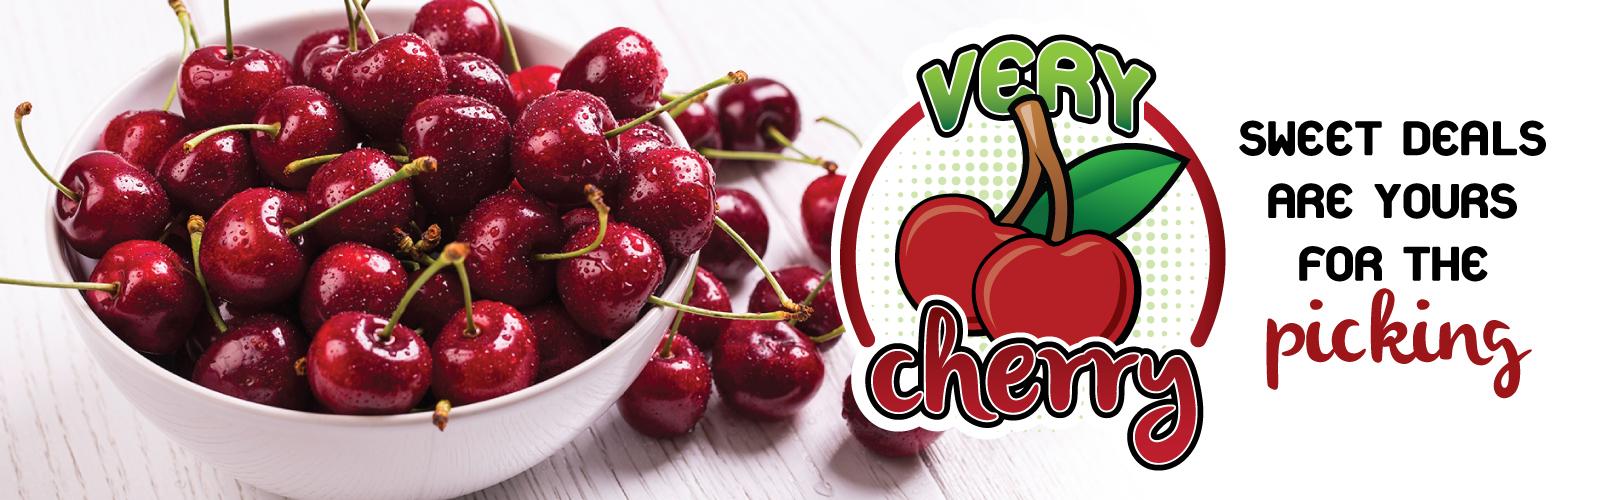 Very Cherry Savings!